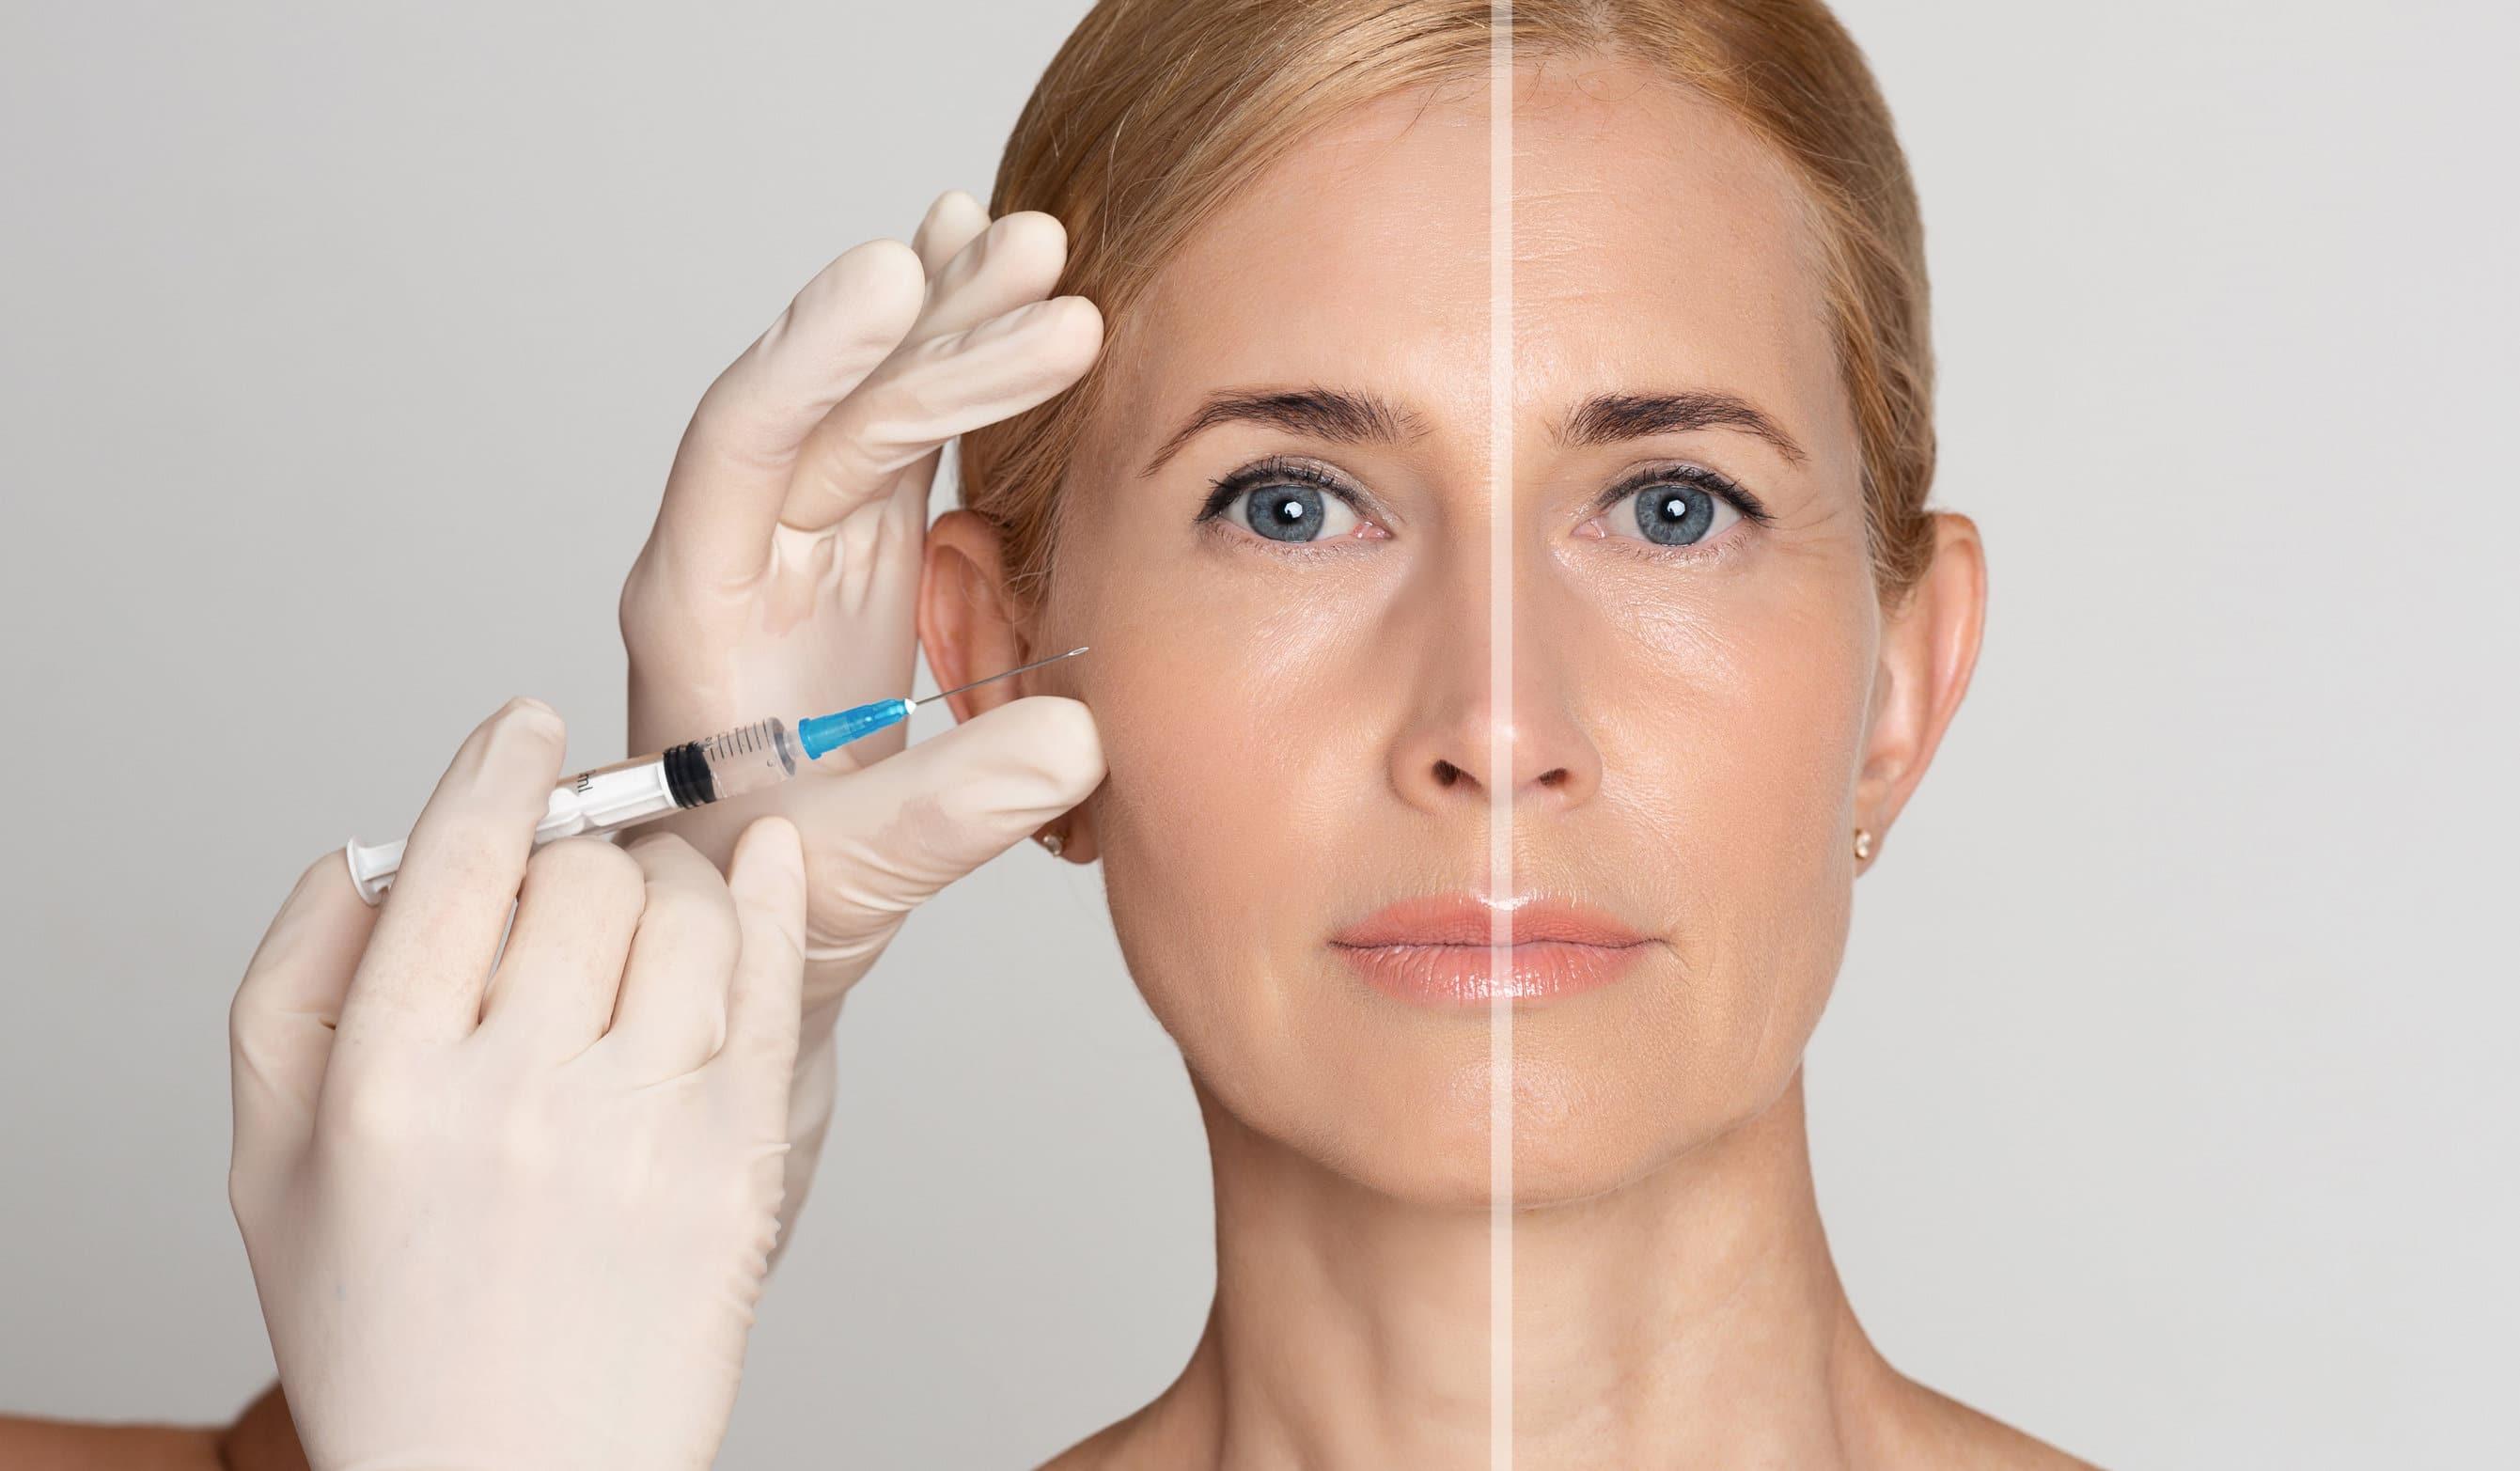 femme ades rides qui a subit des injections d'acide hyaluraunique pour rajeunir son visage